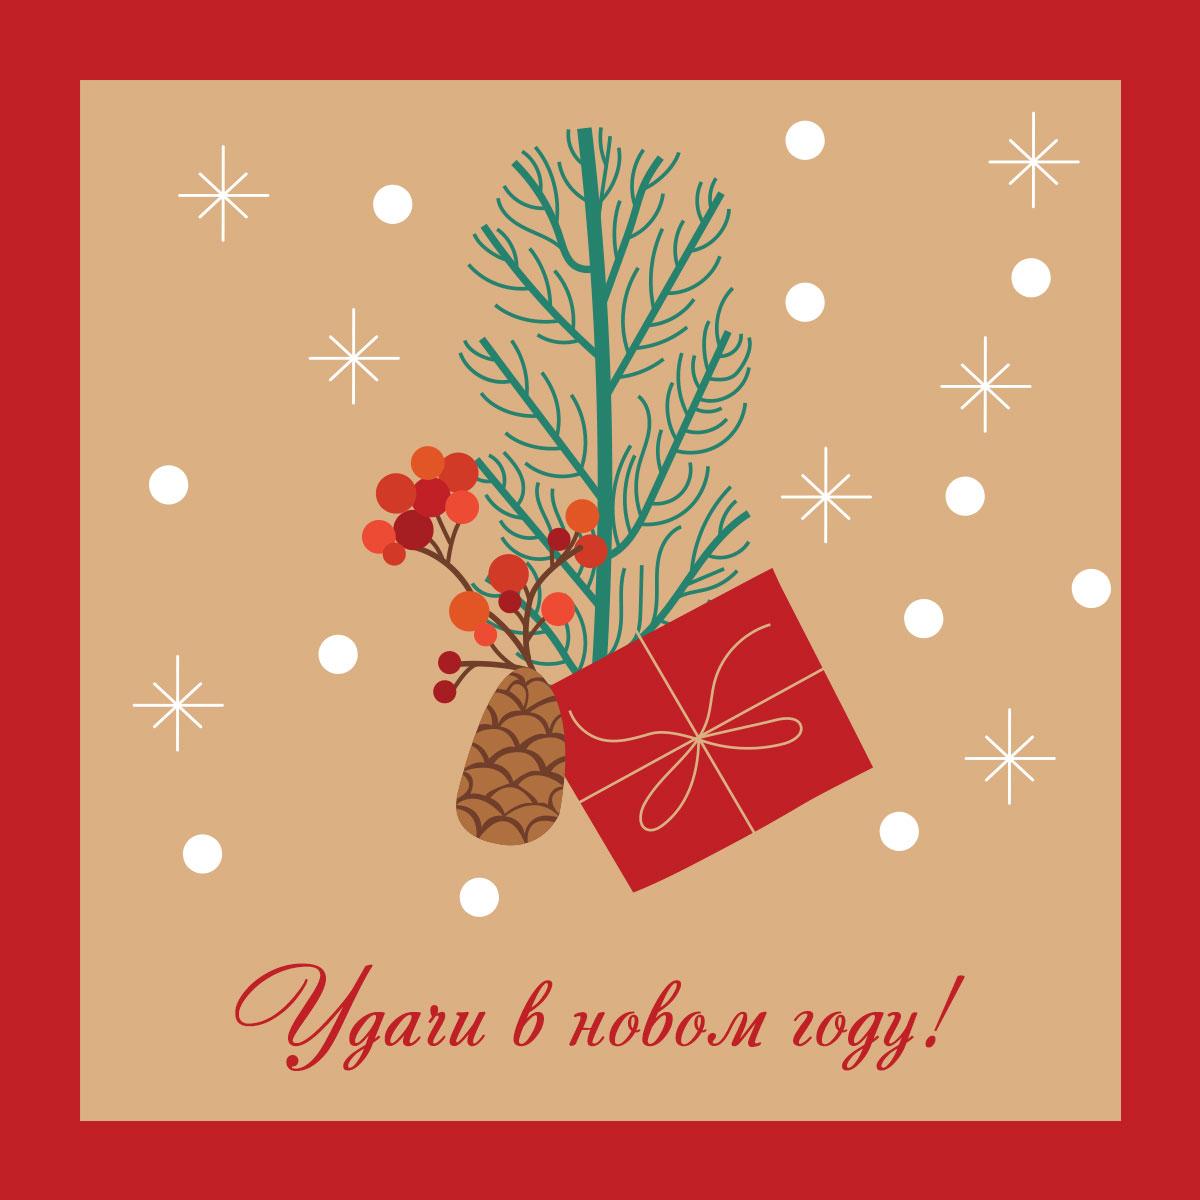 Картинка с поздравительным текстом удачи в новом году с рисунком ветки, шишки и красной коробки для подарка на коричневом фоне со снежинками.